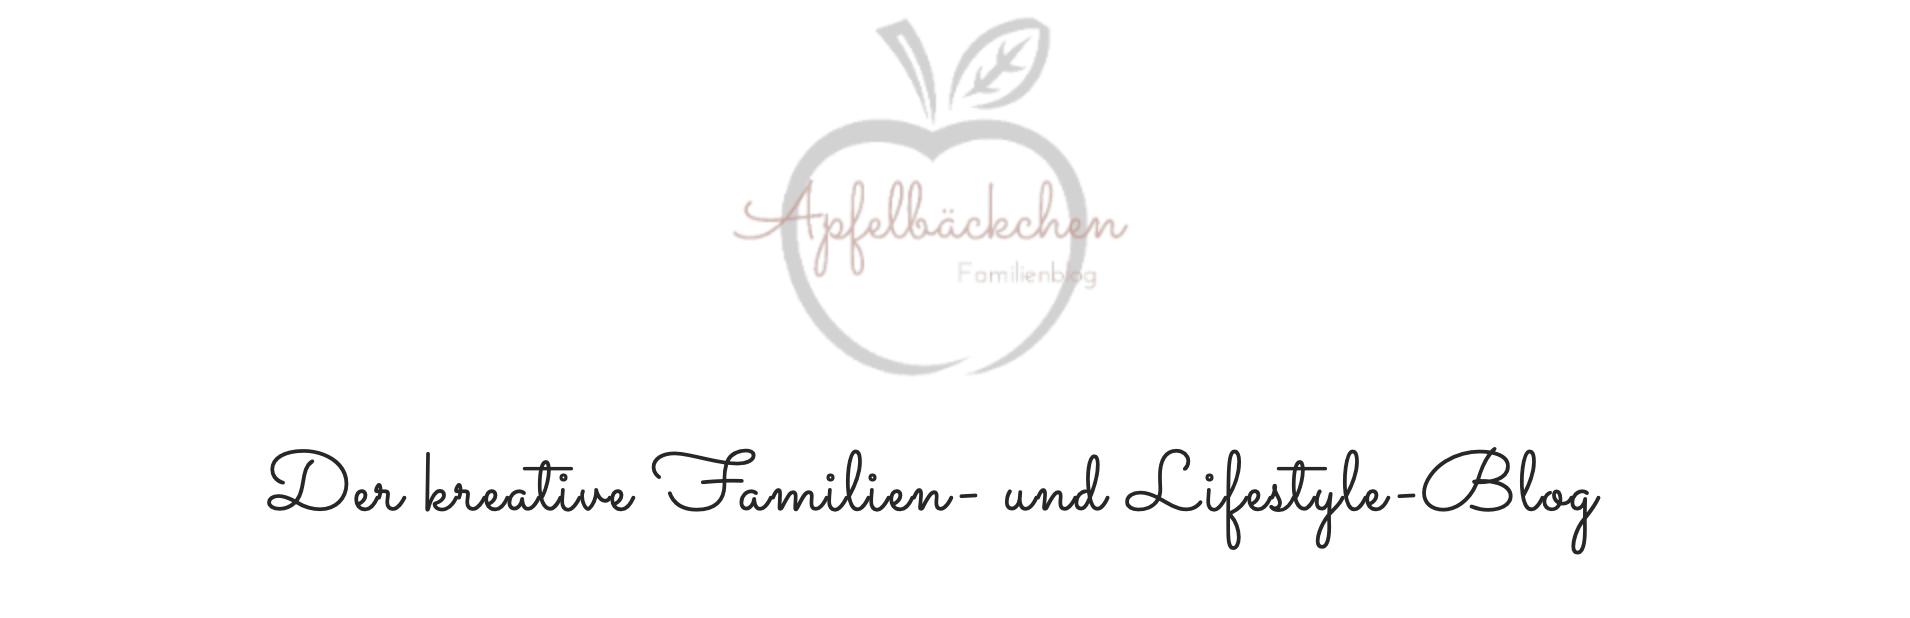 https://www.apfelbaeckchen.net/2018/05/sommer-basteln-natur.html